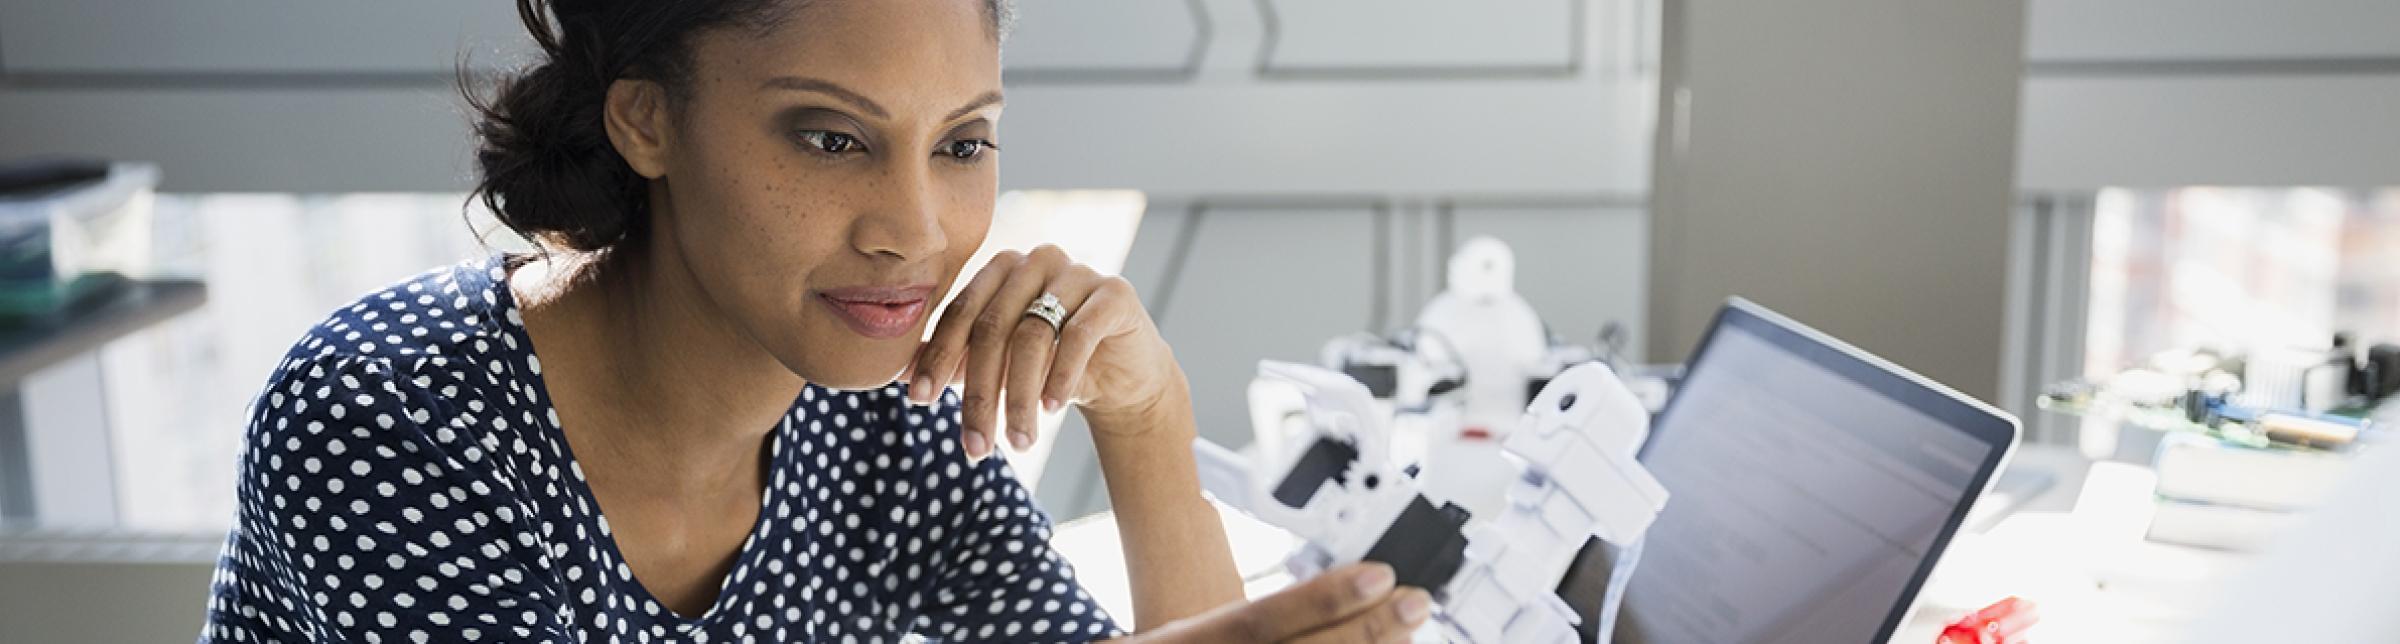 Una donna seduta in una postazione d'ufficio con, tra le mani, un prototipo di robot